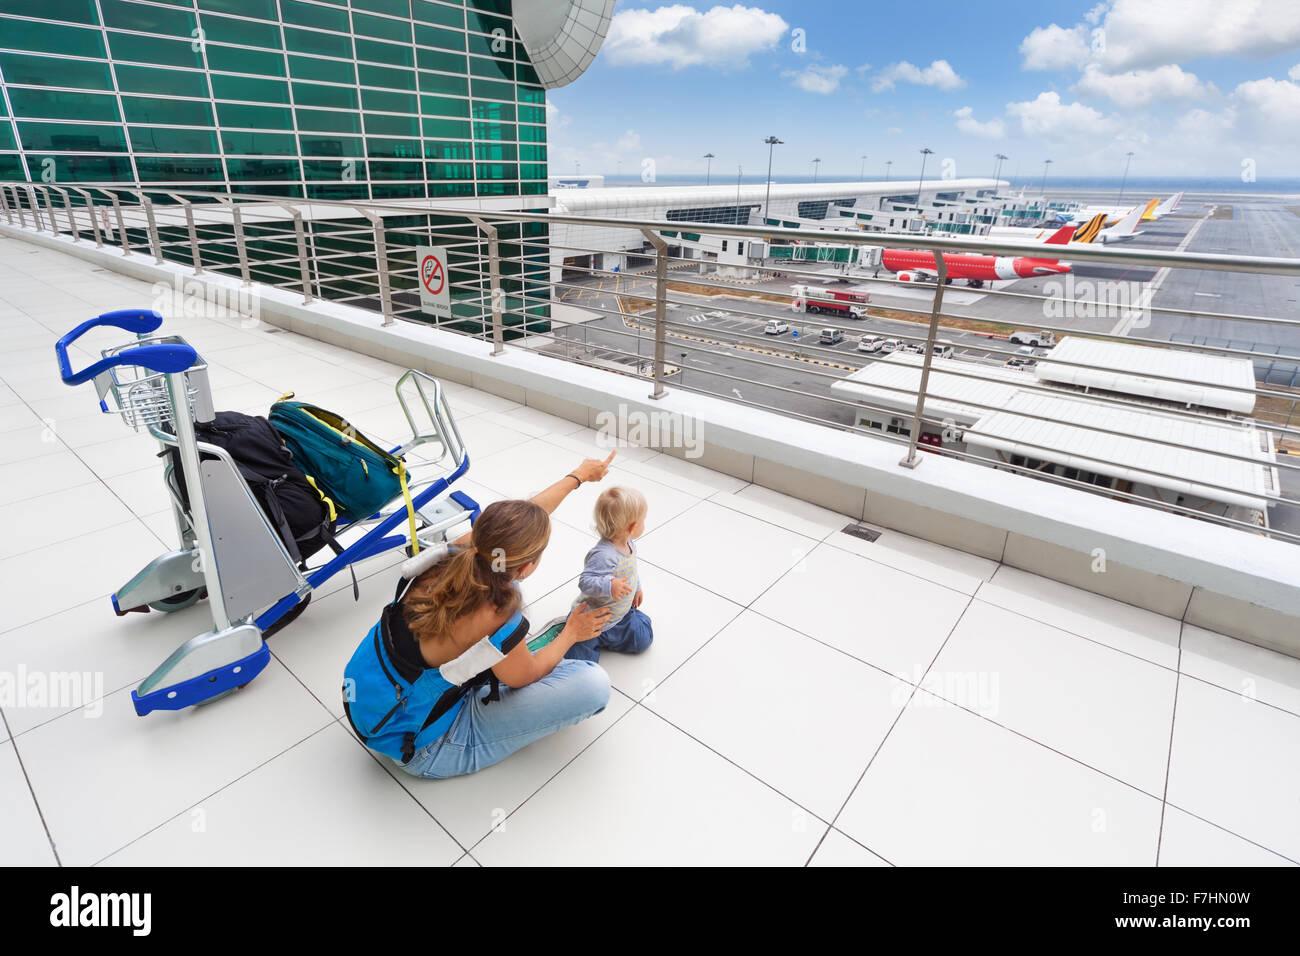 Giovane mamma e bimbo piccolo ragazzo attendere per l'imbarco per il volo in transito aeroportuale hall e guardando Immagini Stock